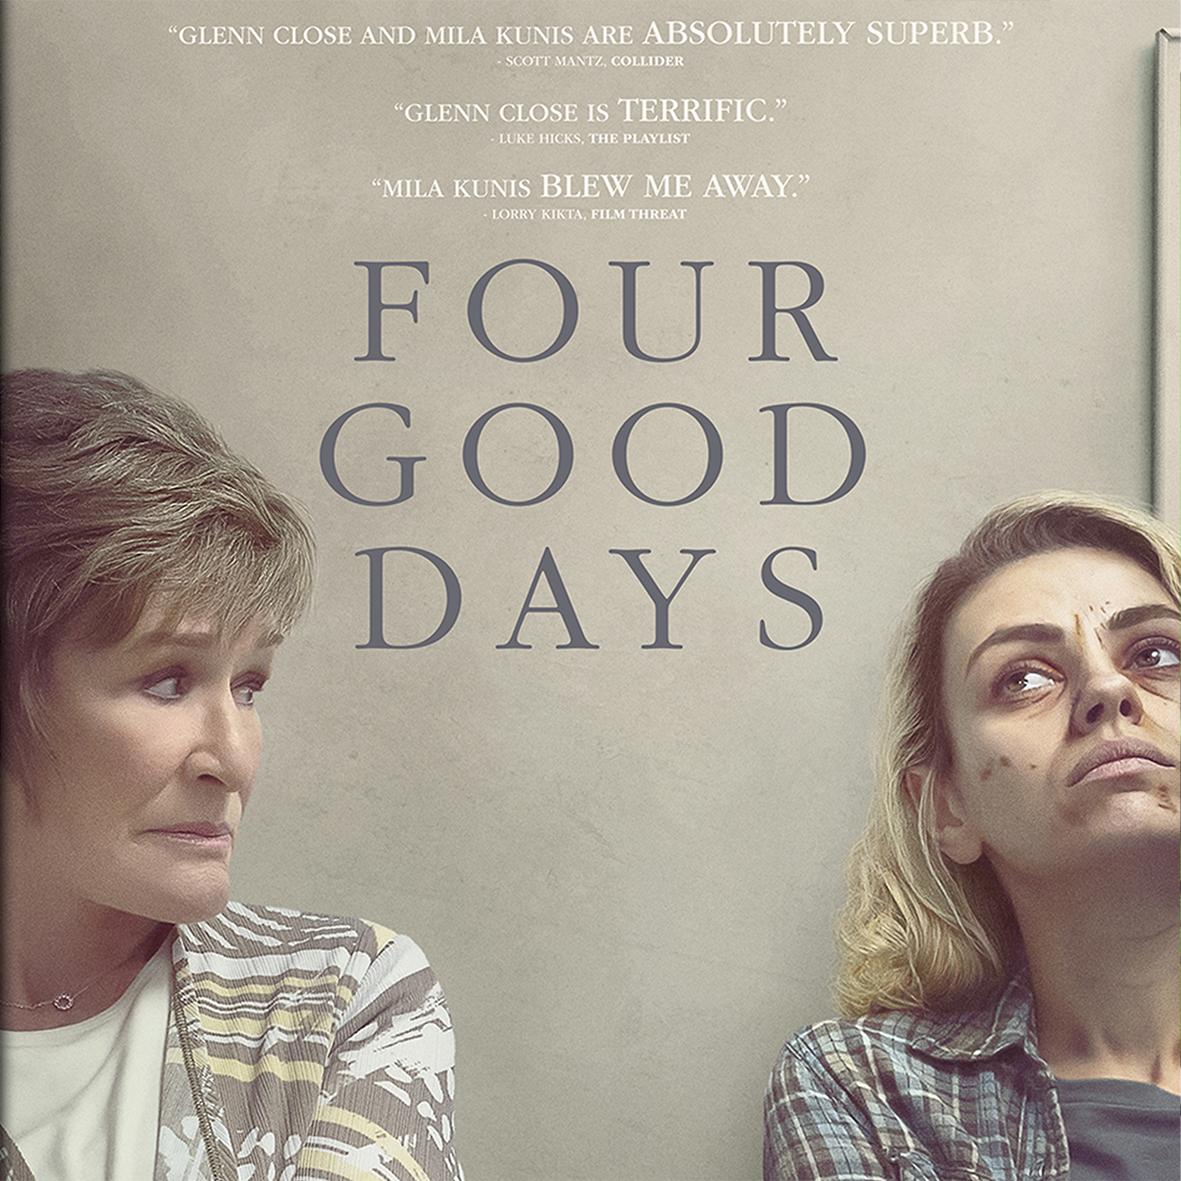 EP60.從電影「四個好日子」中發現,愛屋及烏的人都是自找麻煩?